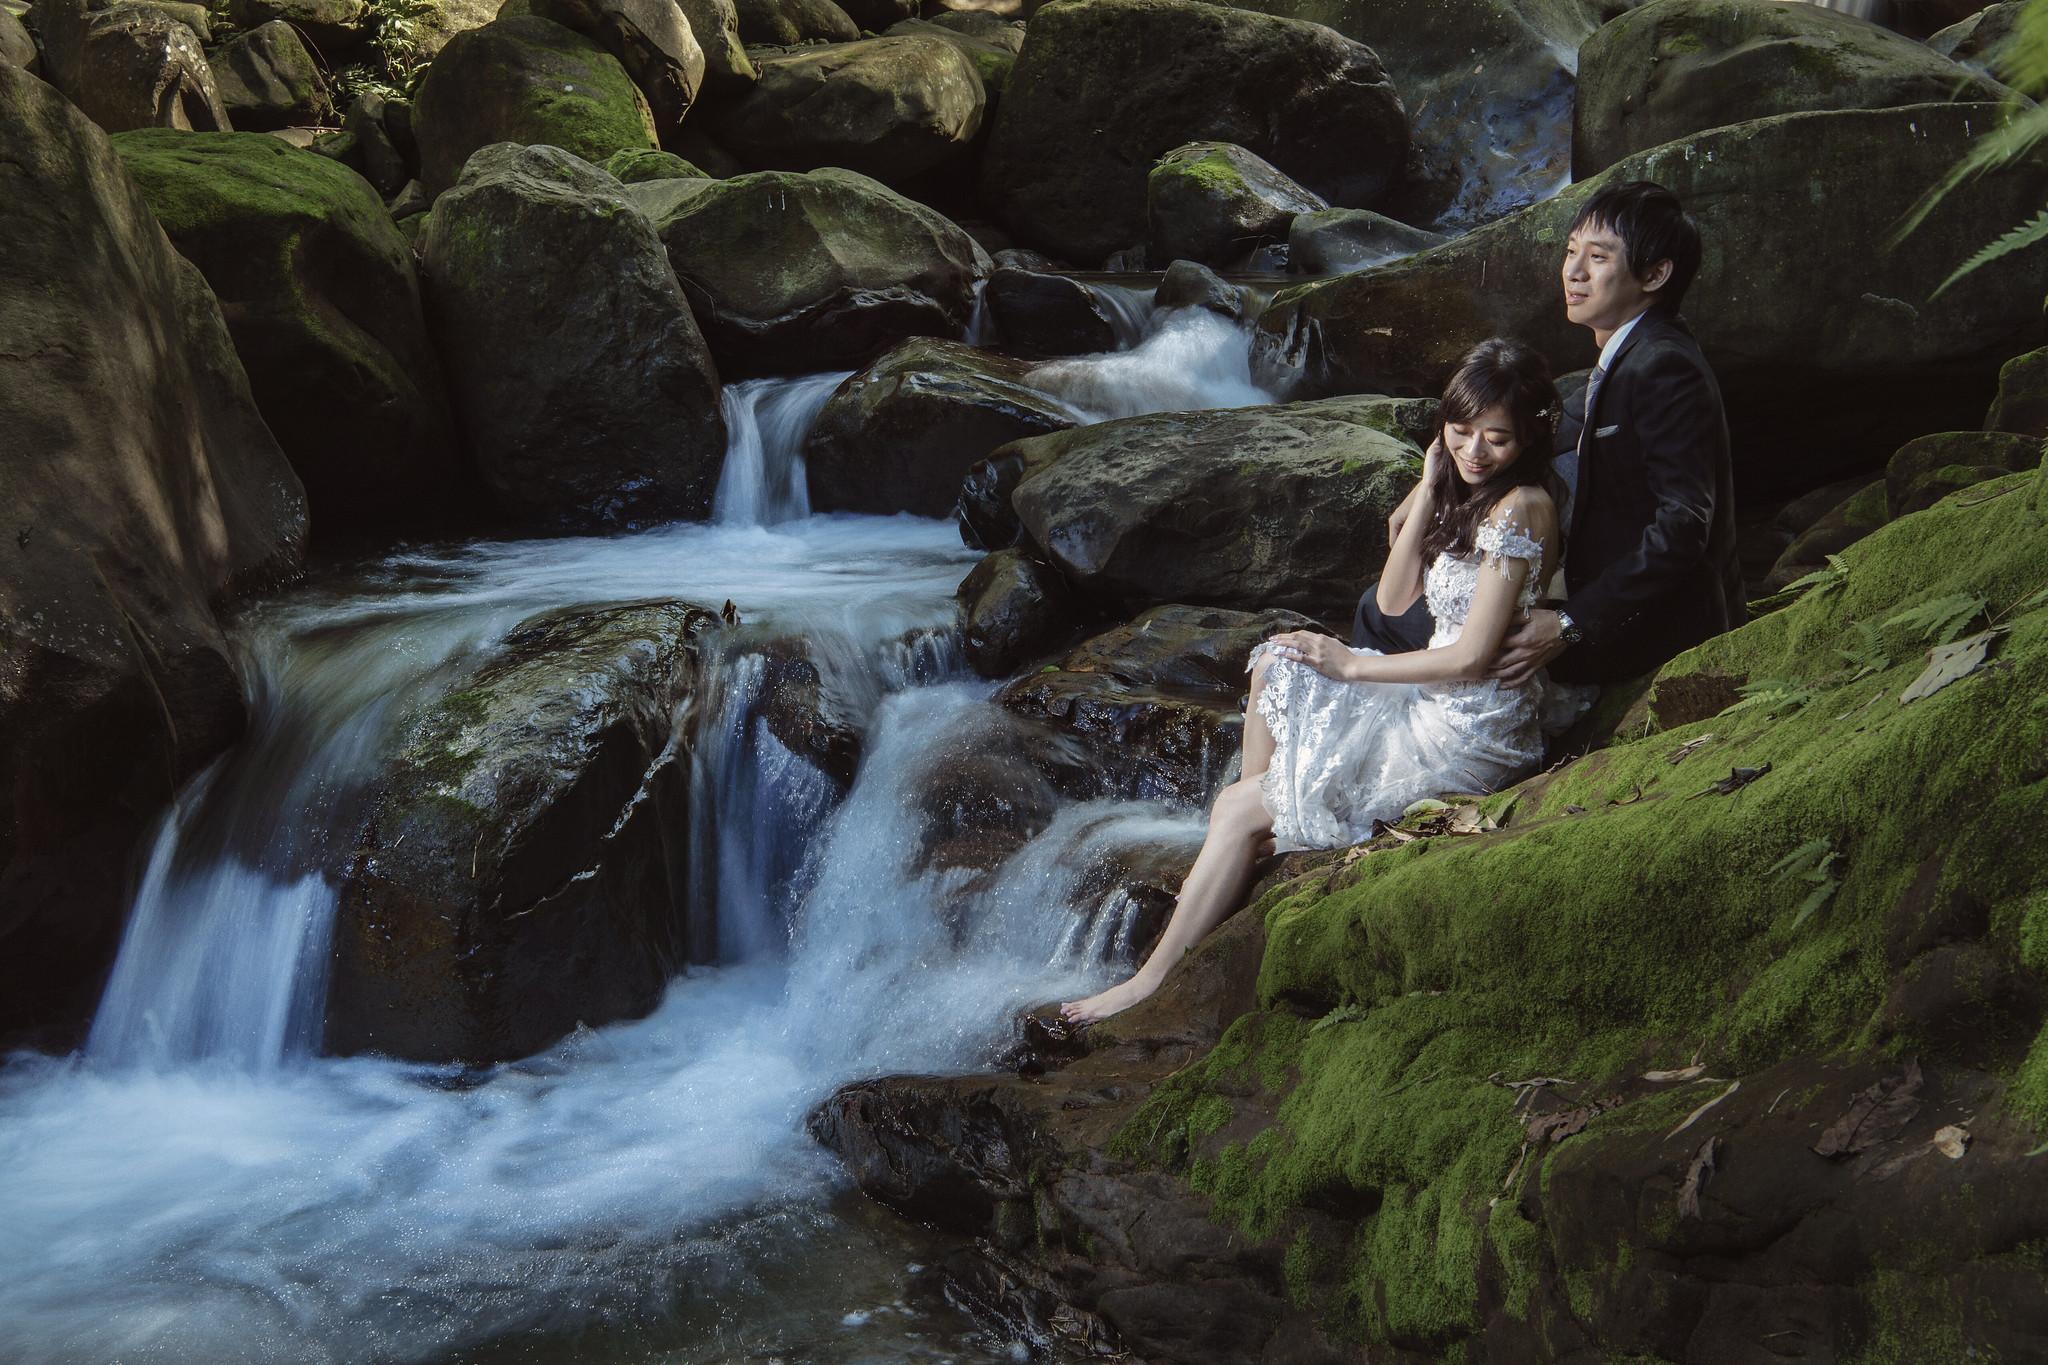 熊空茶園, Donfer Photography, EASTERN WEDDING, 自助婚紗, 自主婚紗, Pre-Weddinf, 台北婚紗, 婚攝推薦